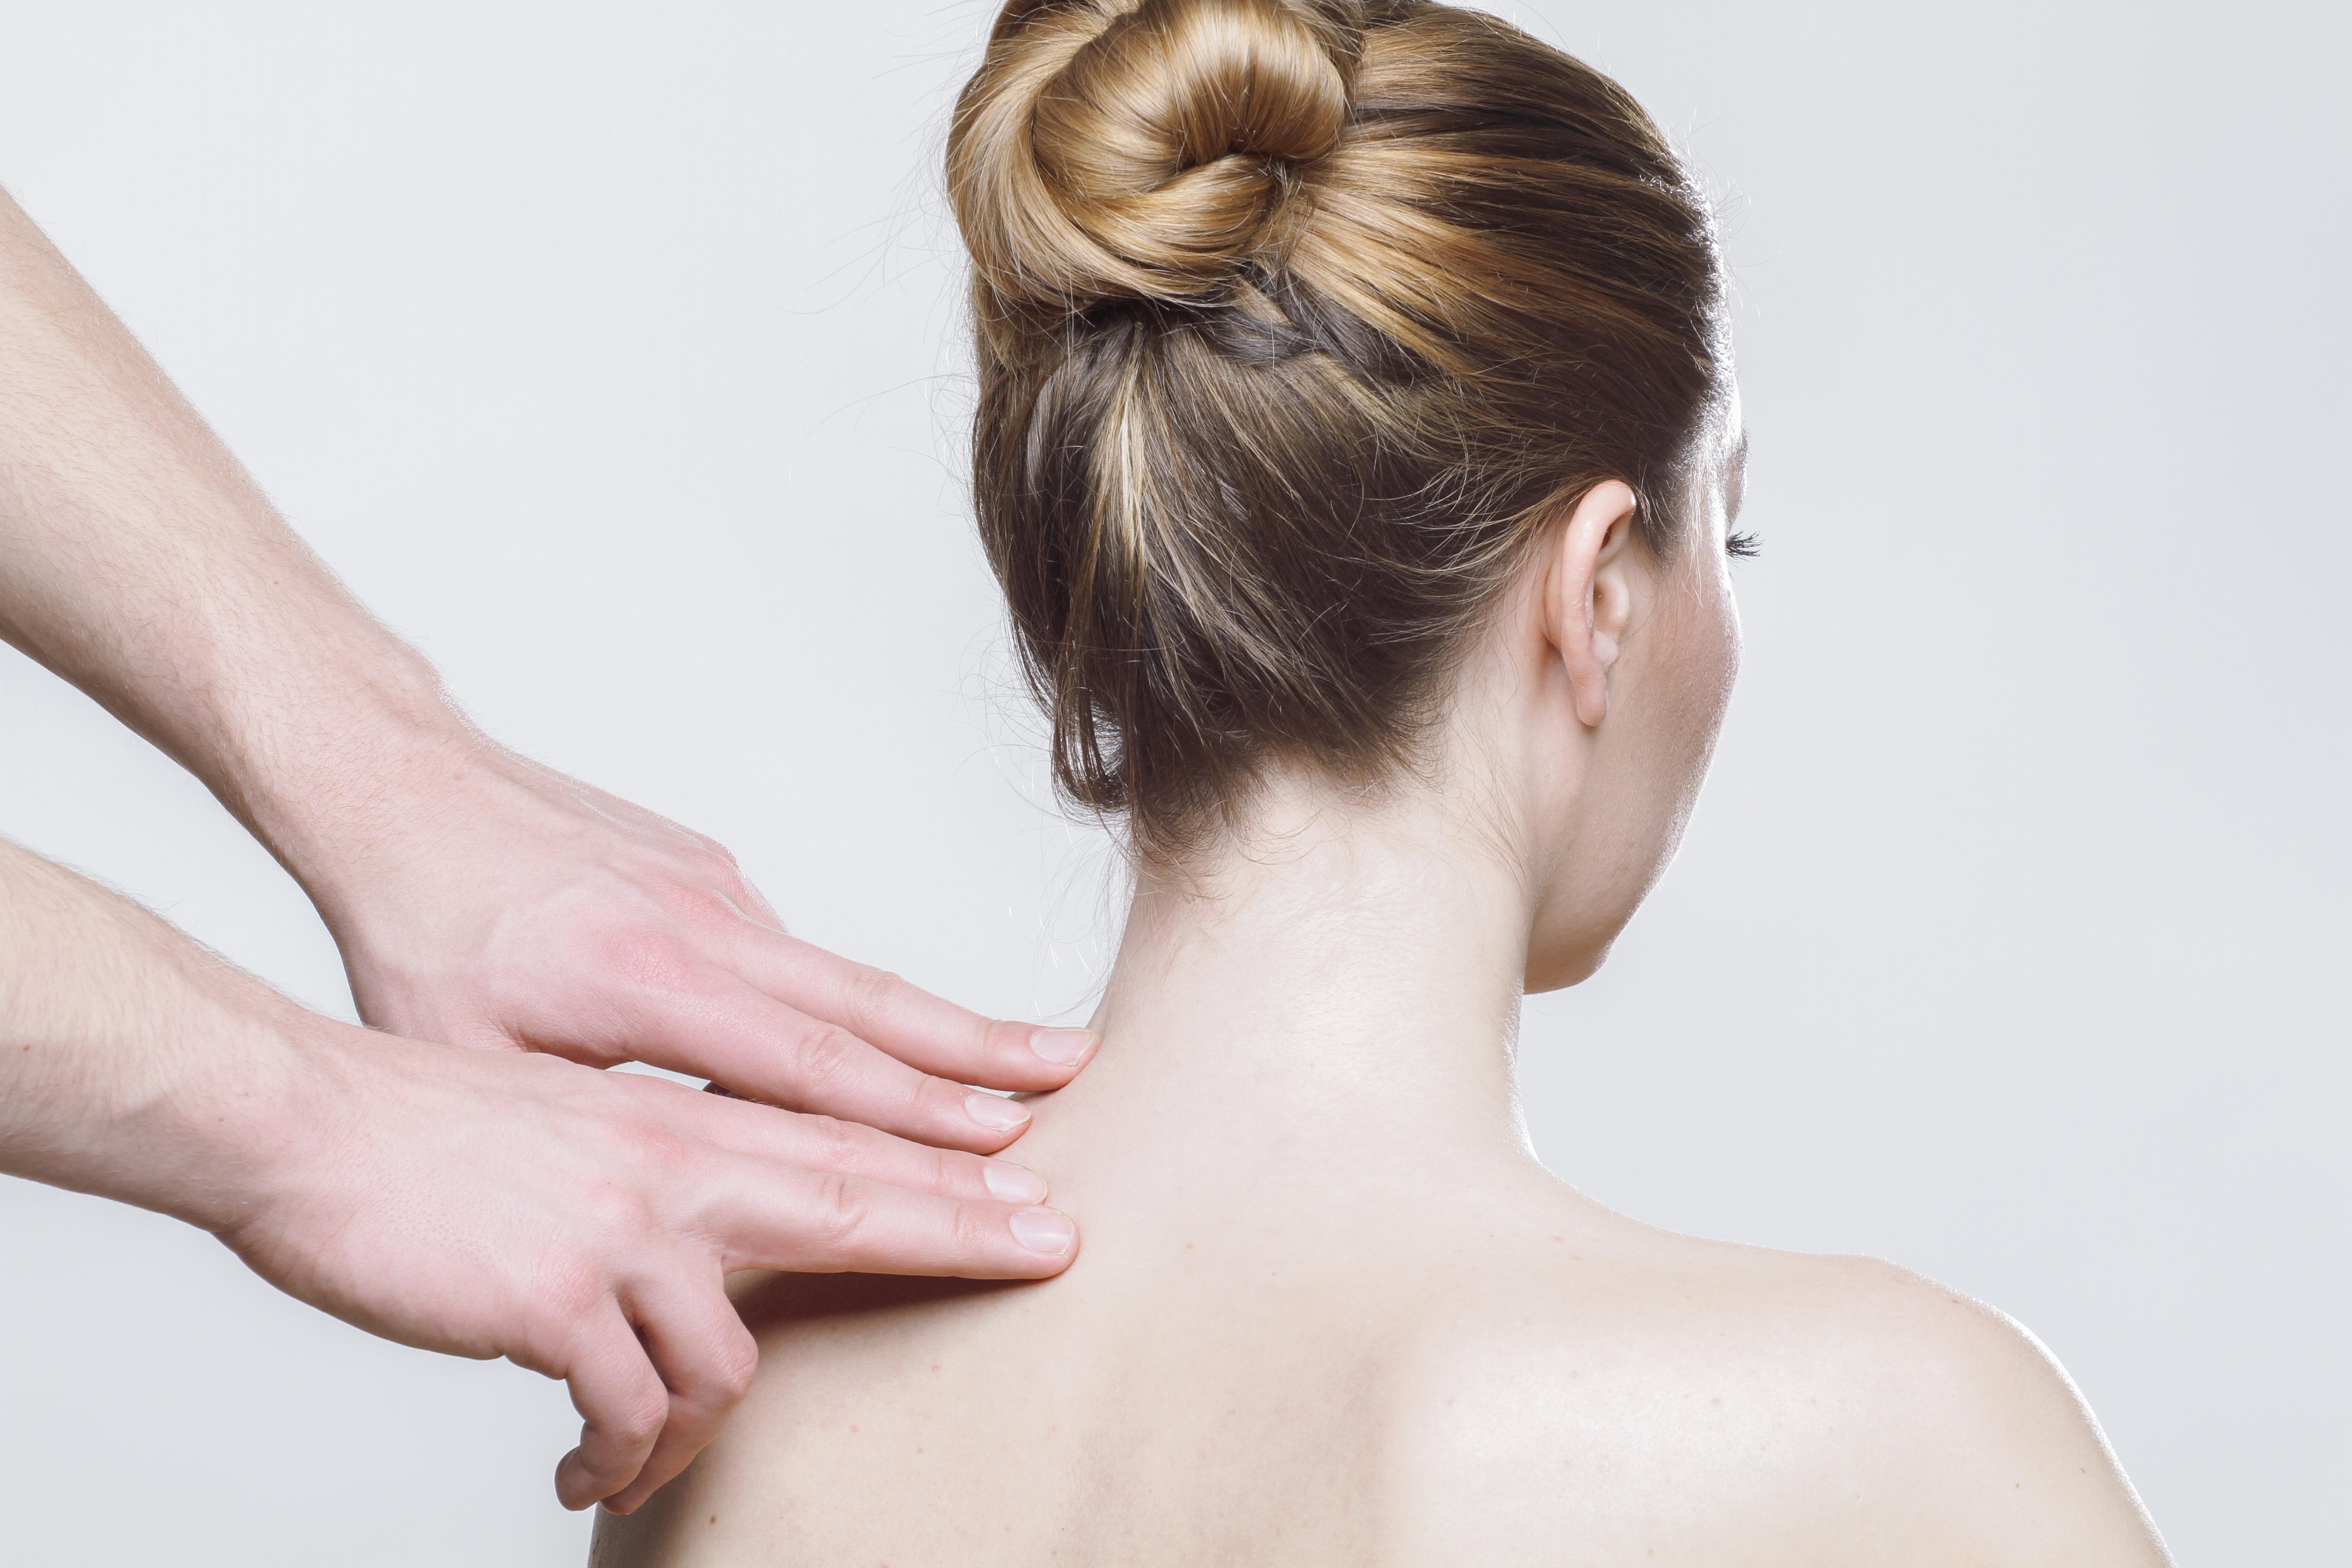 massage toucher détente